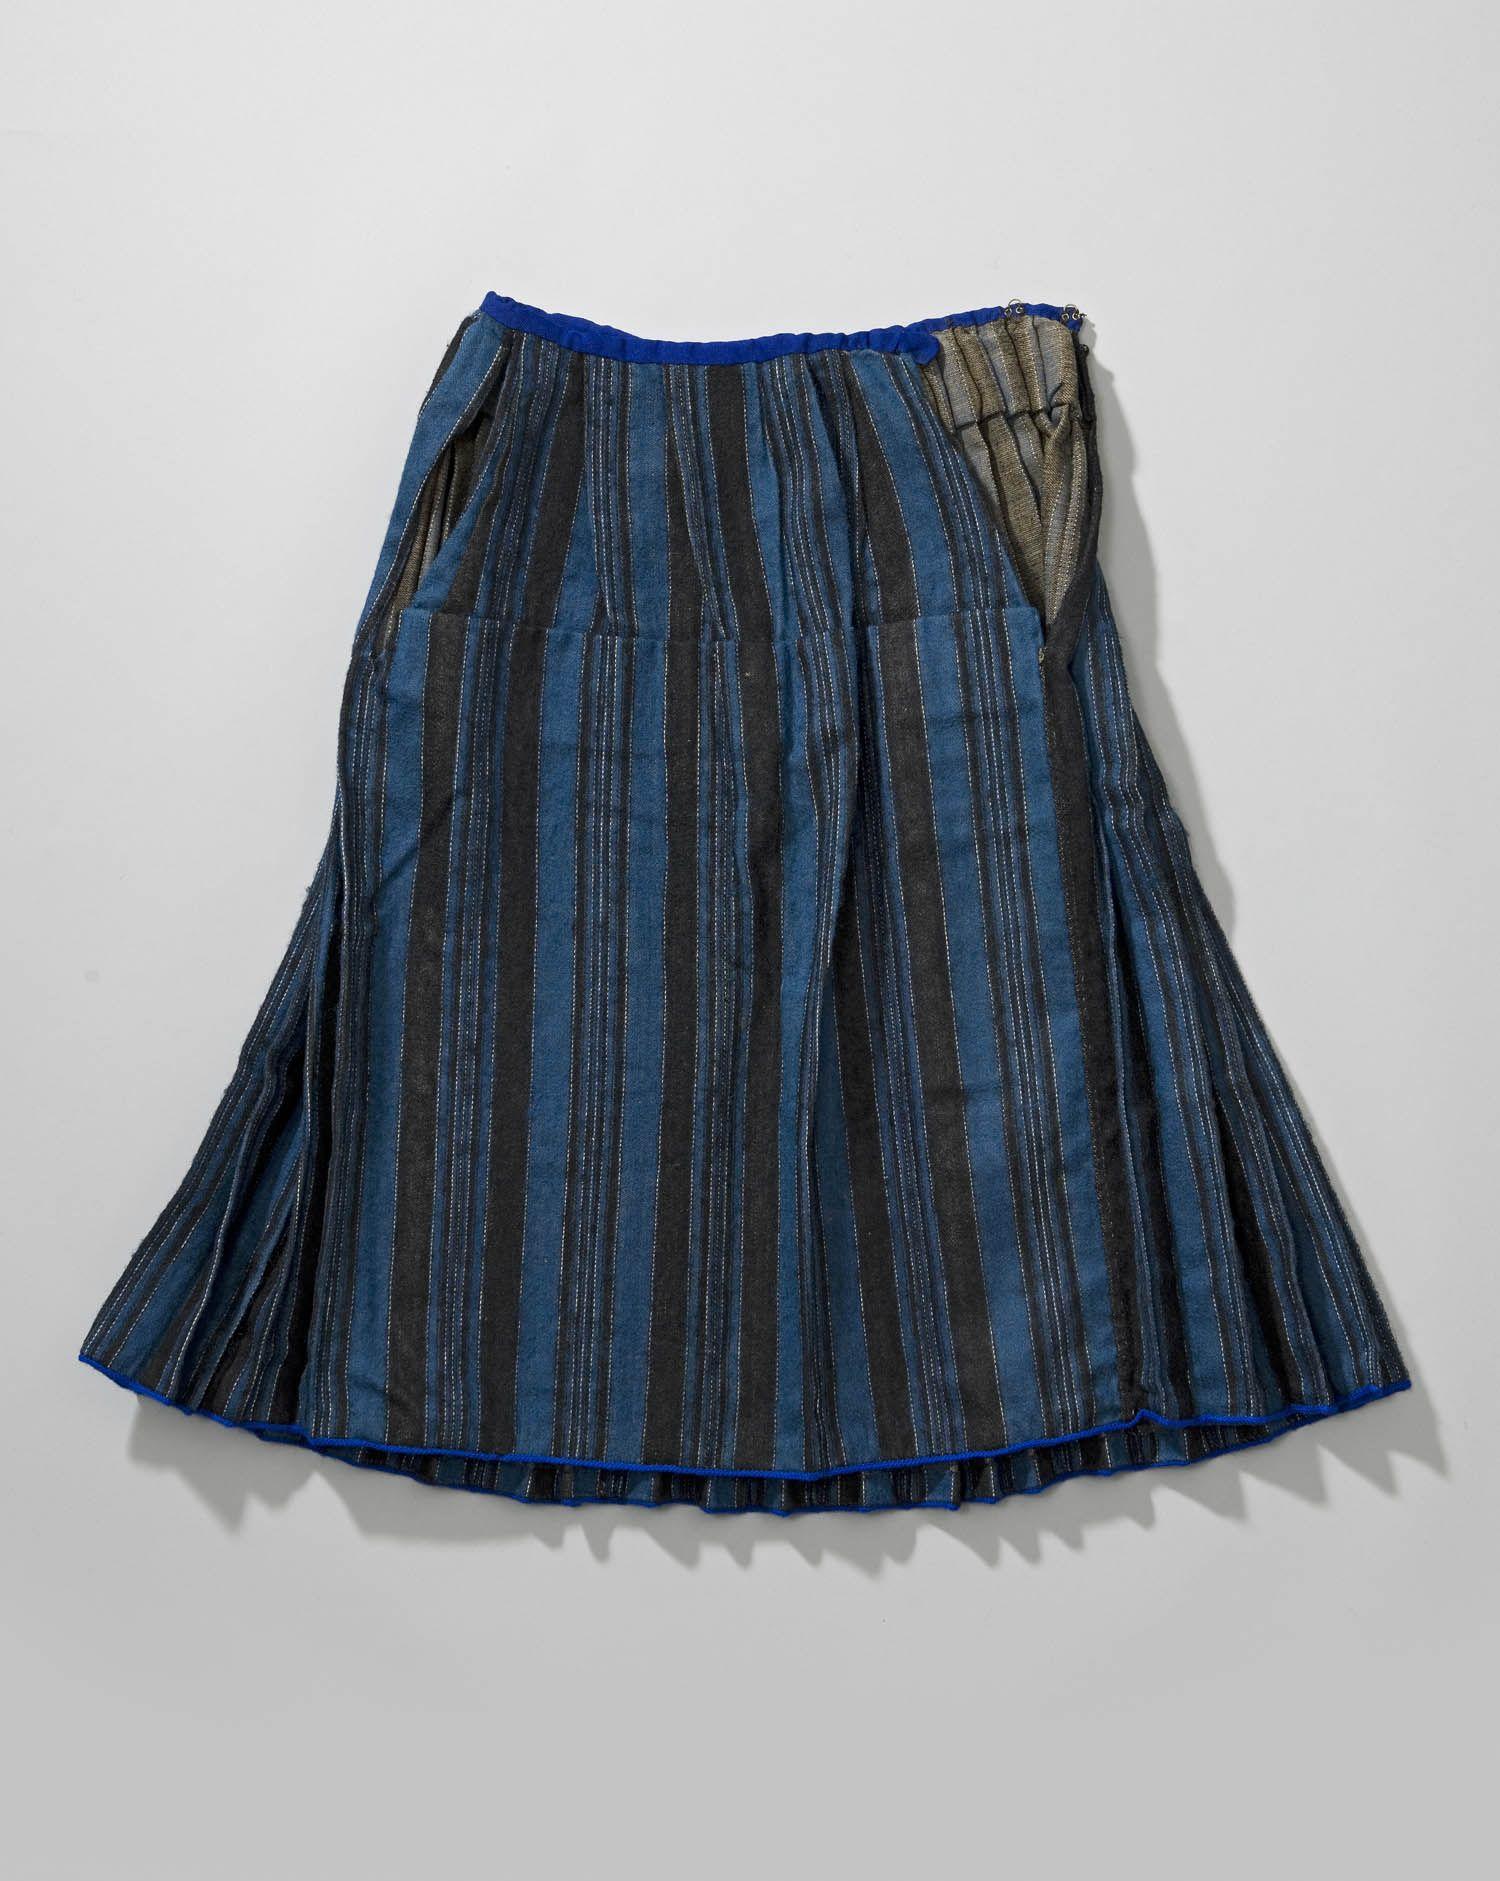 db5562cab83b24 Handgeweven bovenrok van blauw-zwart-wit gestreept vijfschaft. Deze rokken  werden door ongehuwde